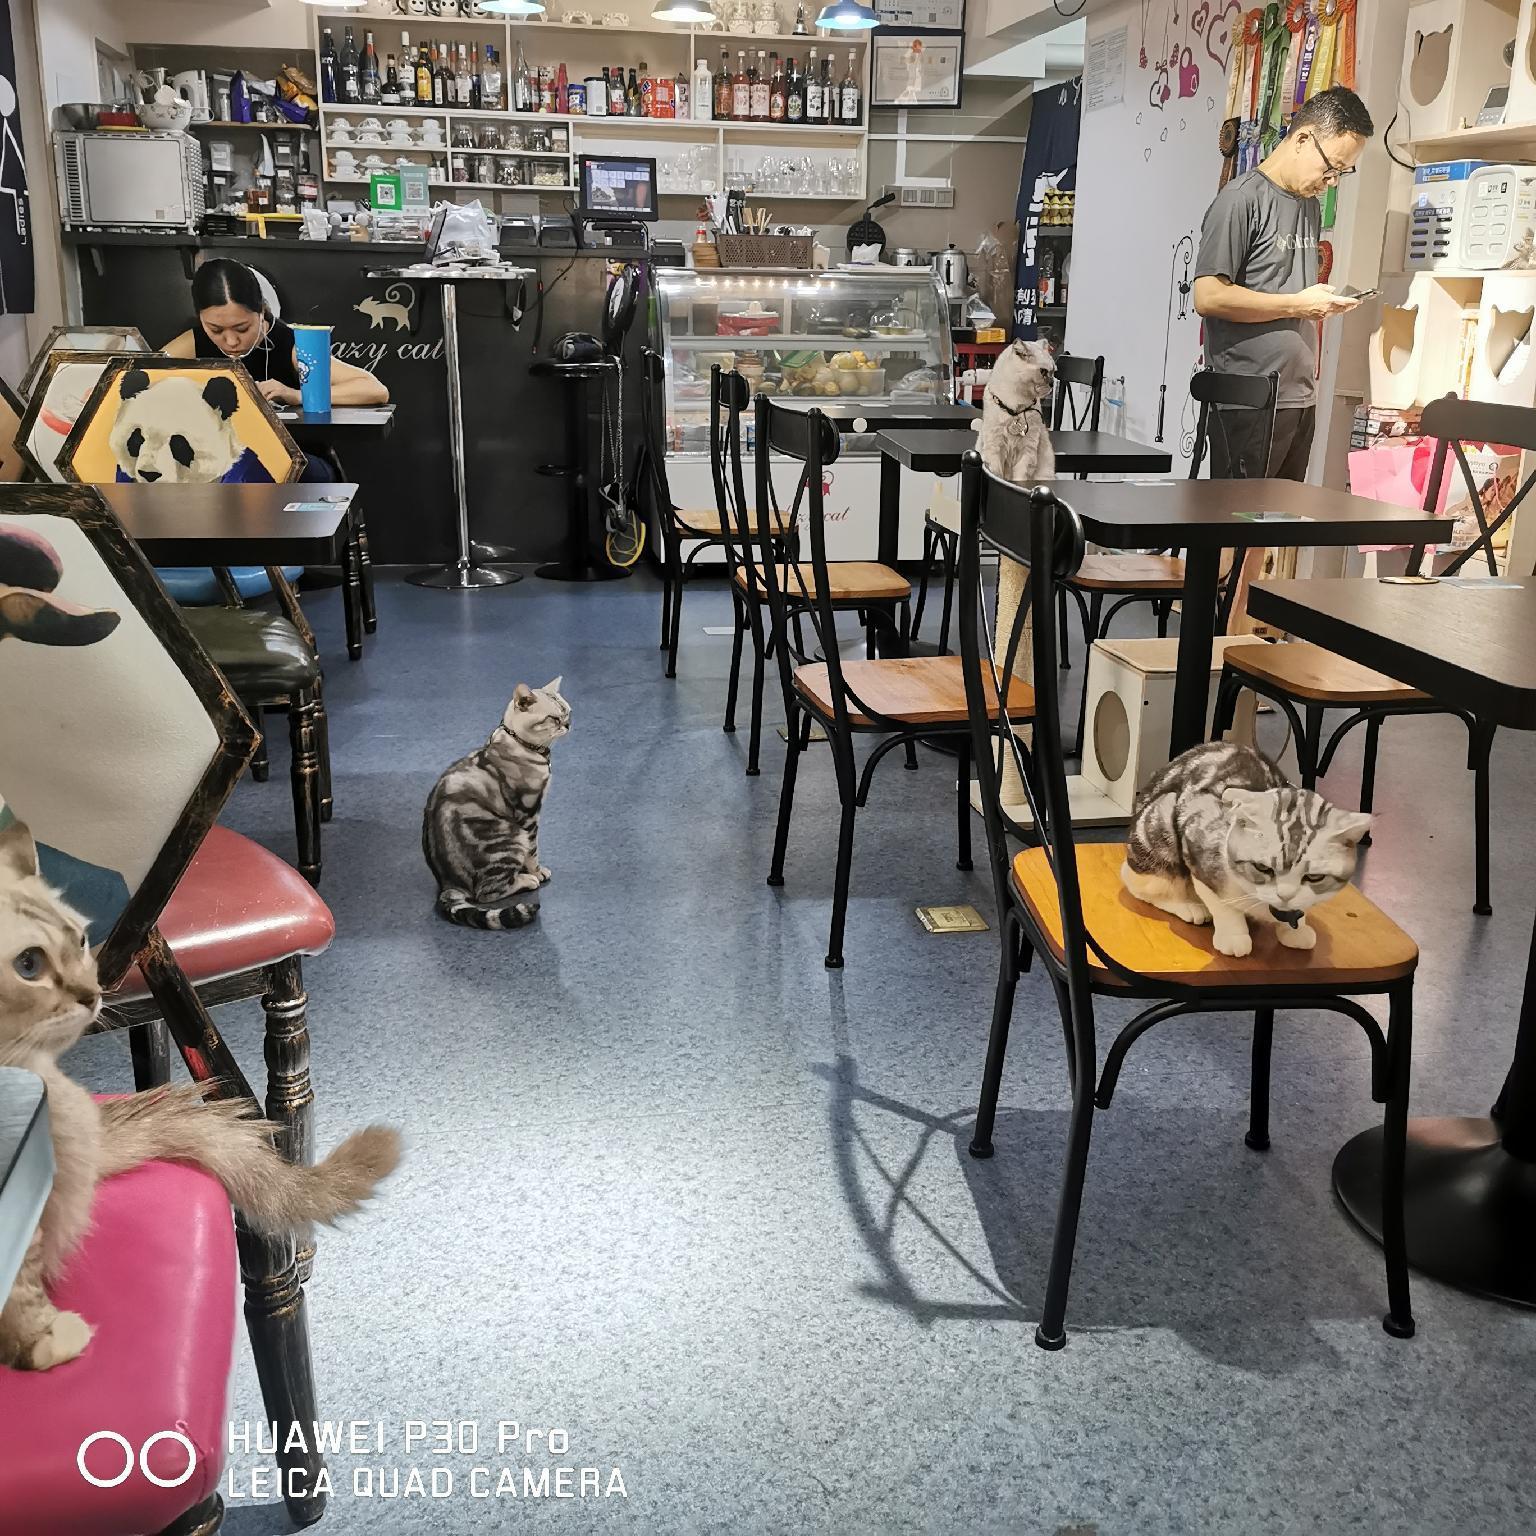 BaonengIPAC WandaSquare Ruifeng In HuangpuDistrict